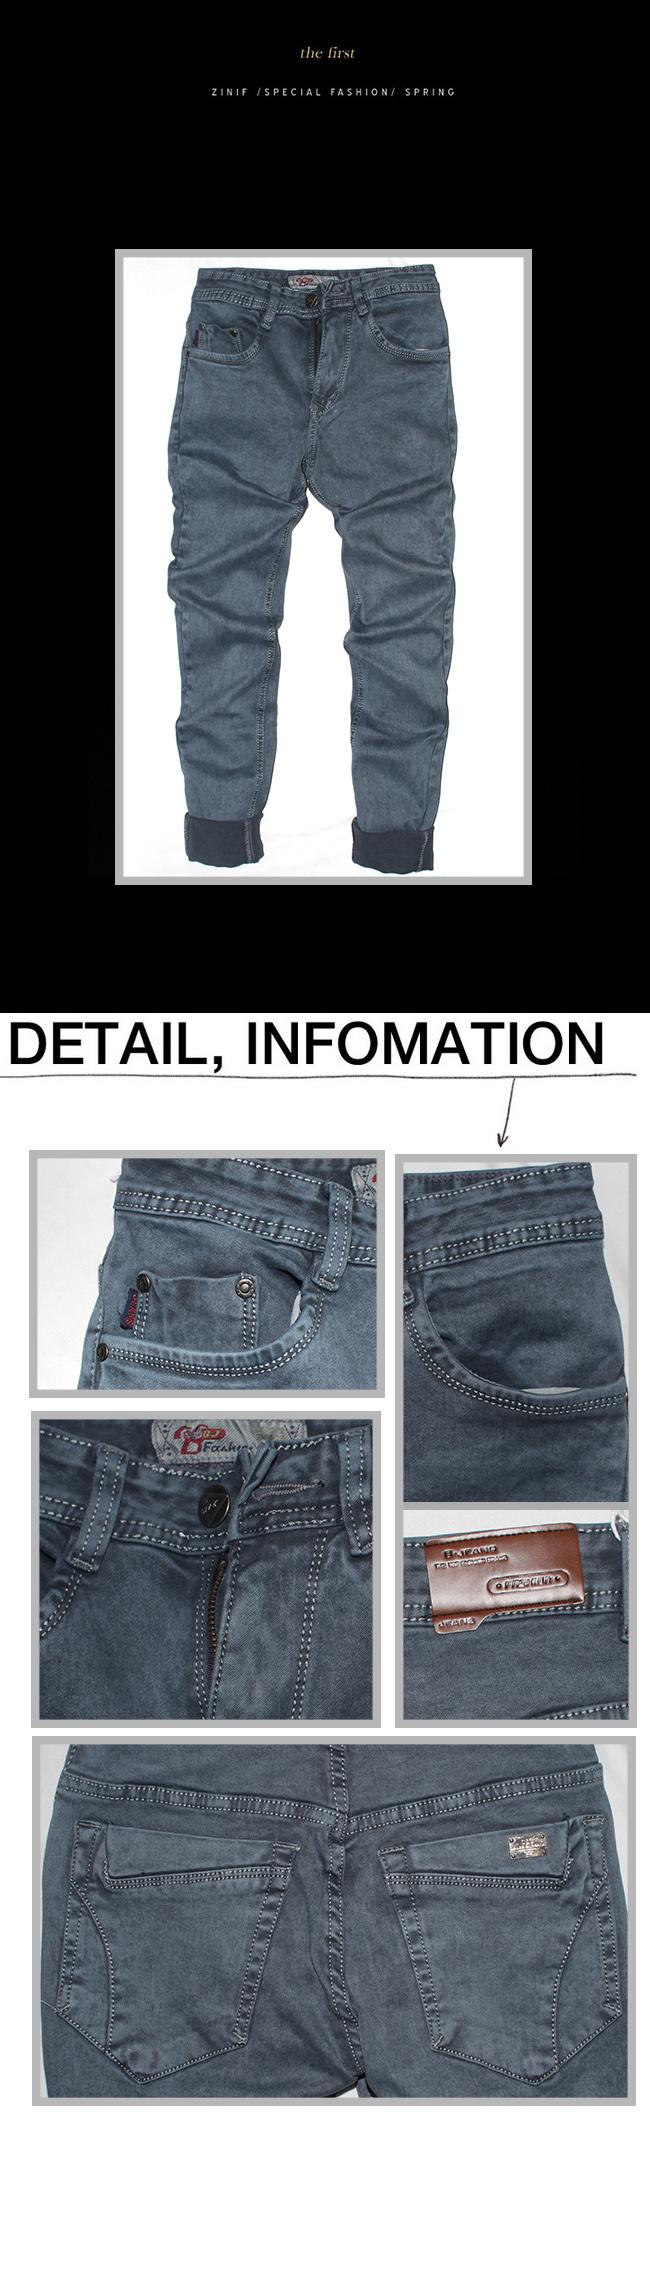 Quần jean xanh đen qj1103 - 1